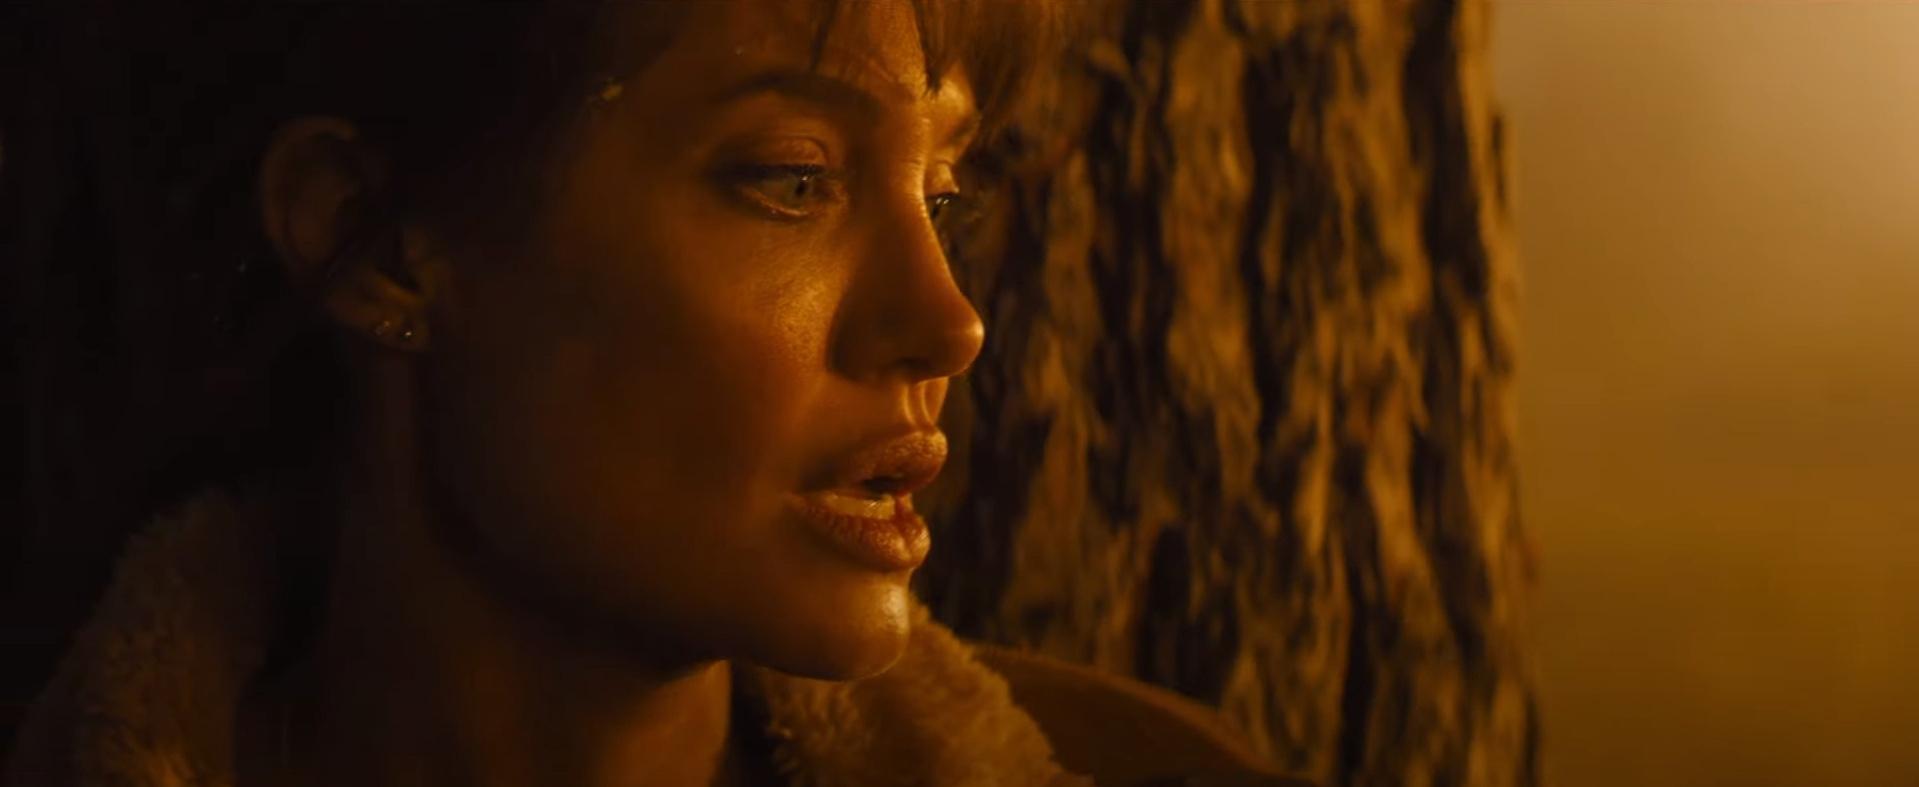 Анджелина Джоли скрывается от киллеров в триллере сценариста «Убийцы»